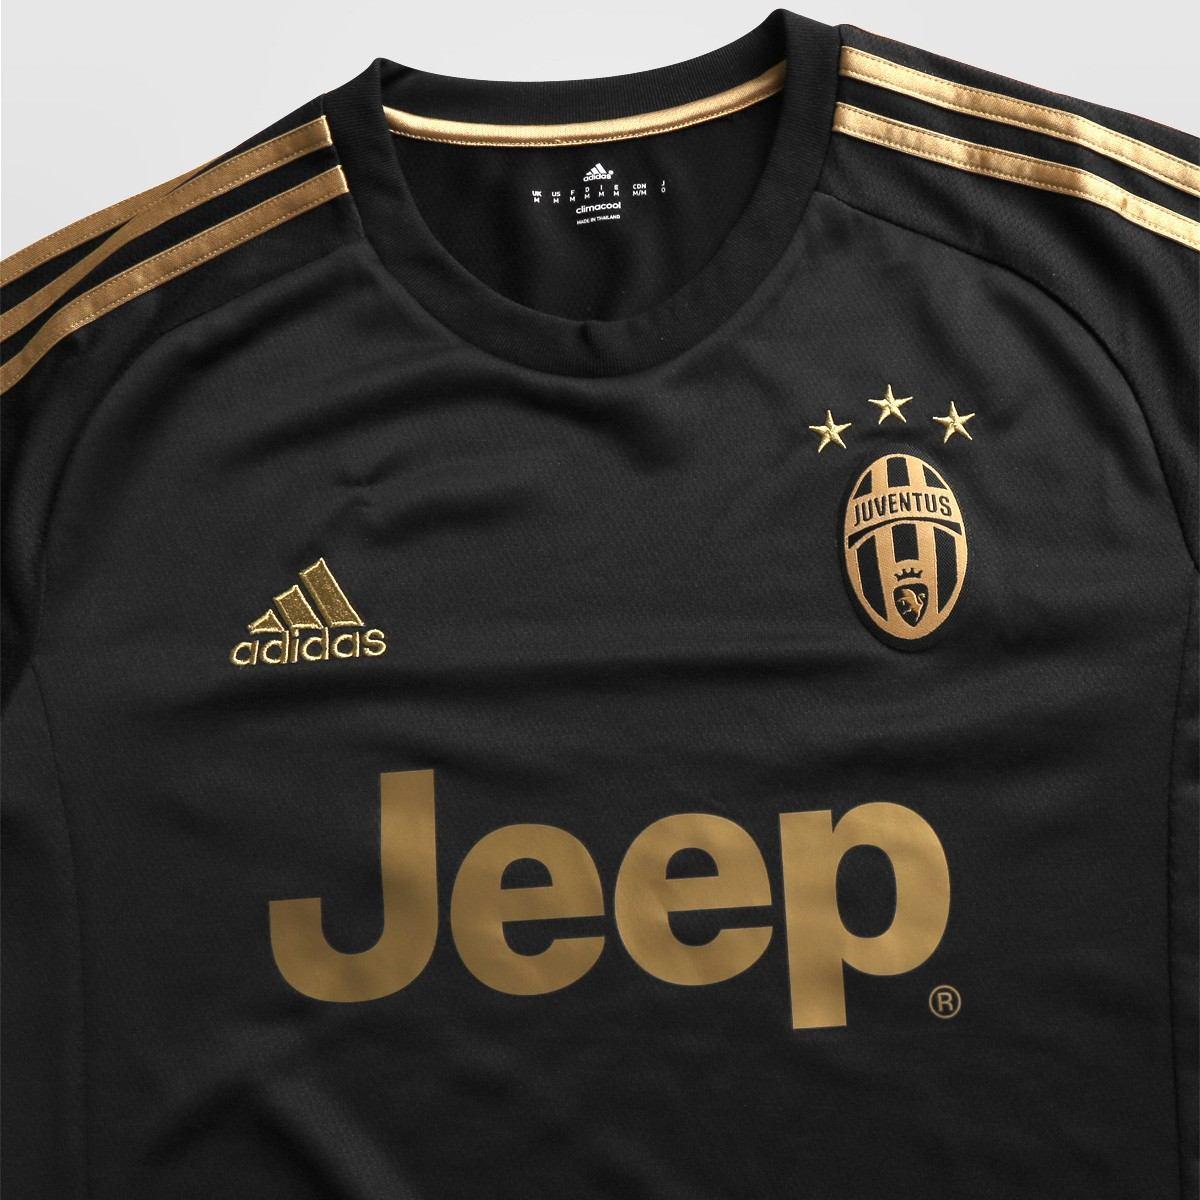 65710e9be4a82 Camisa adidas Juventus Third 15 16 S nº - R  199